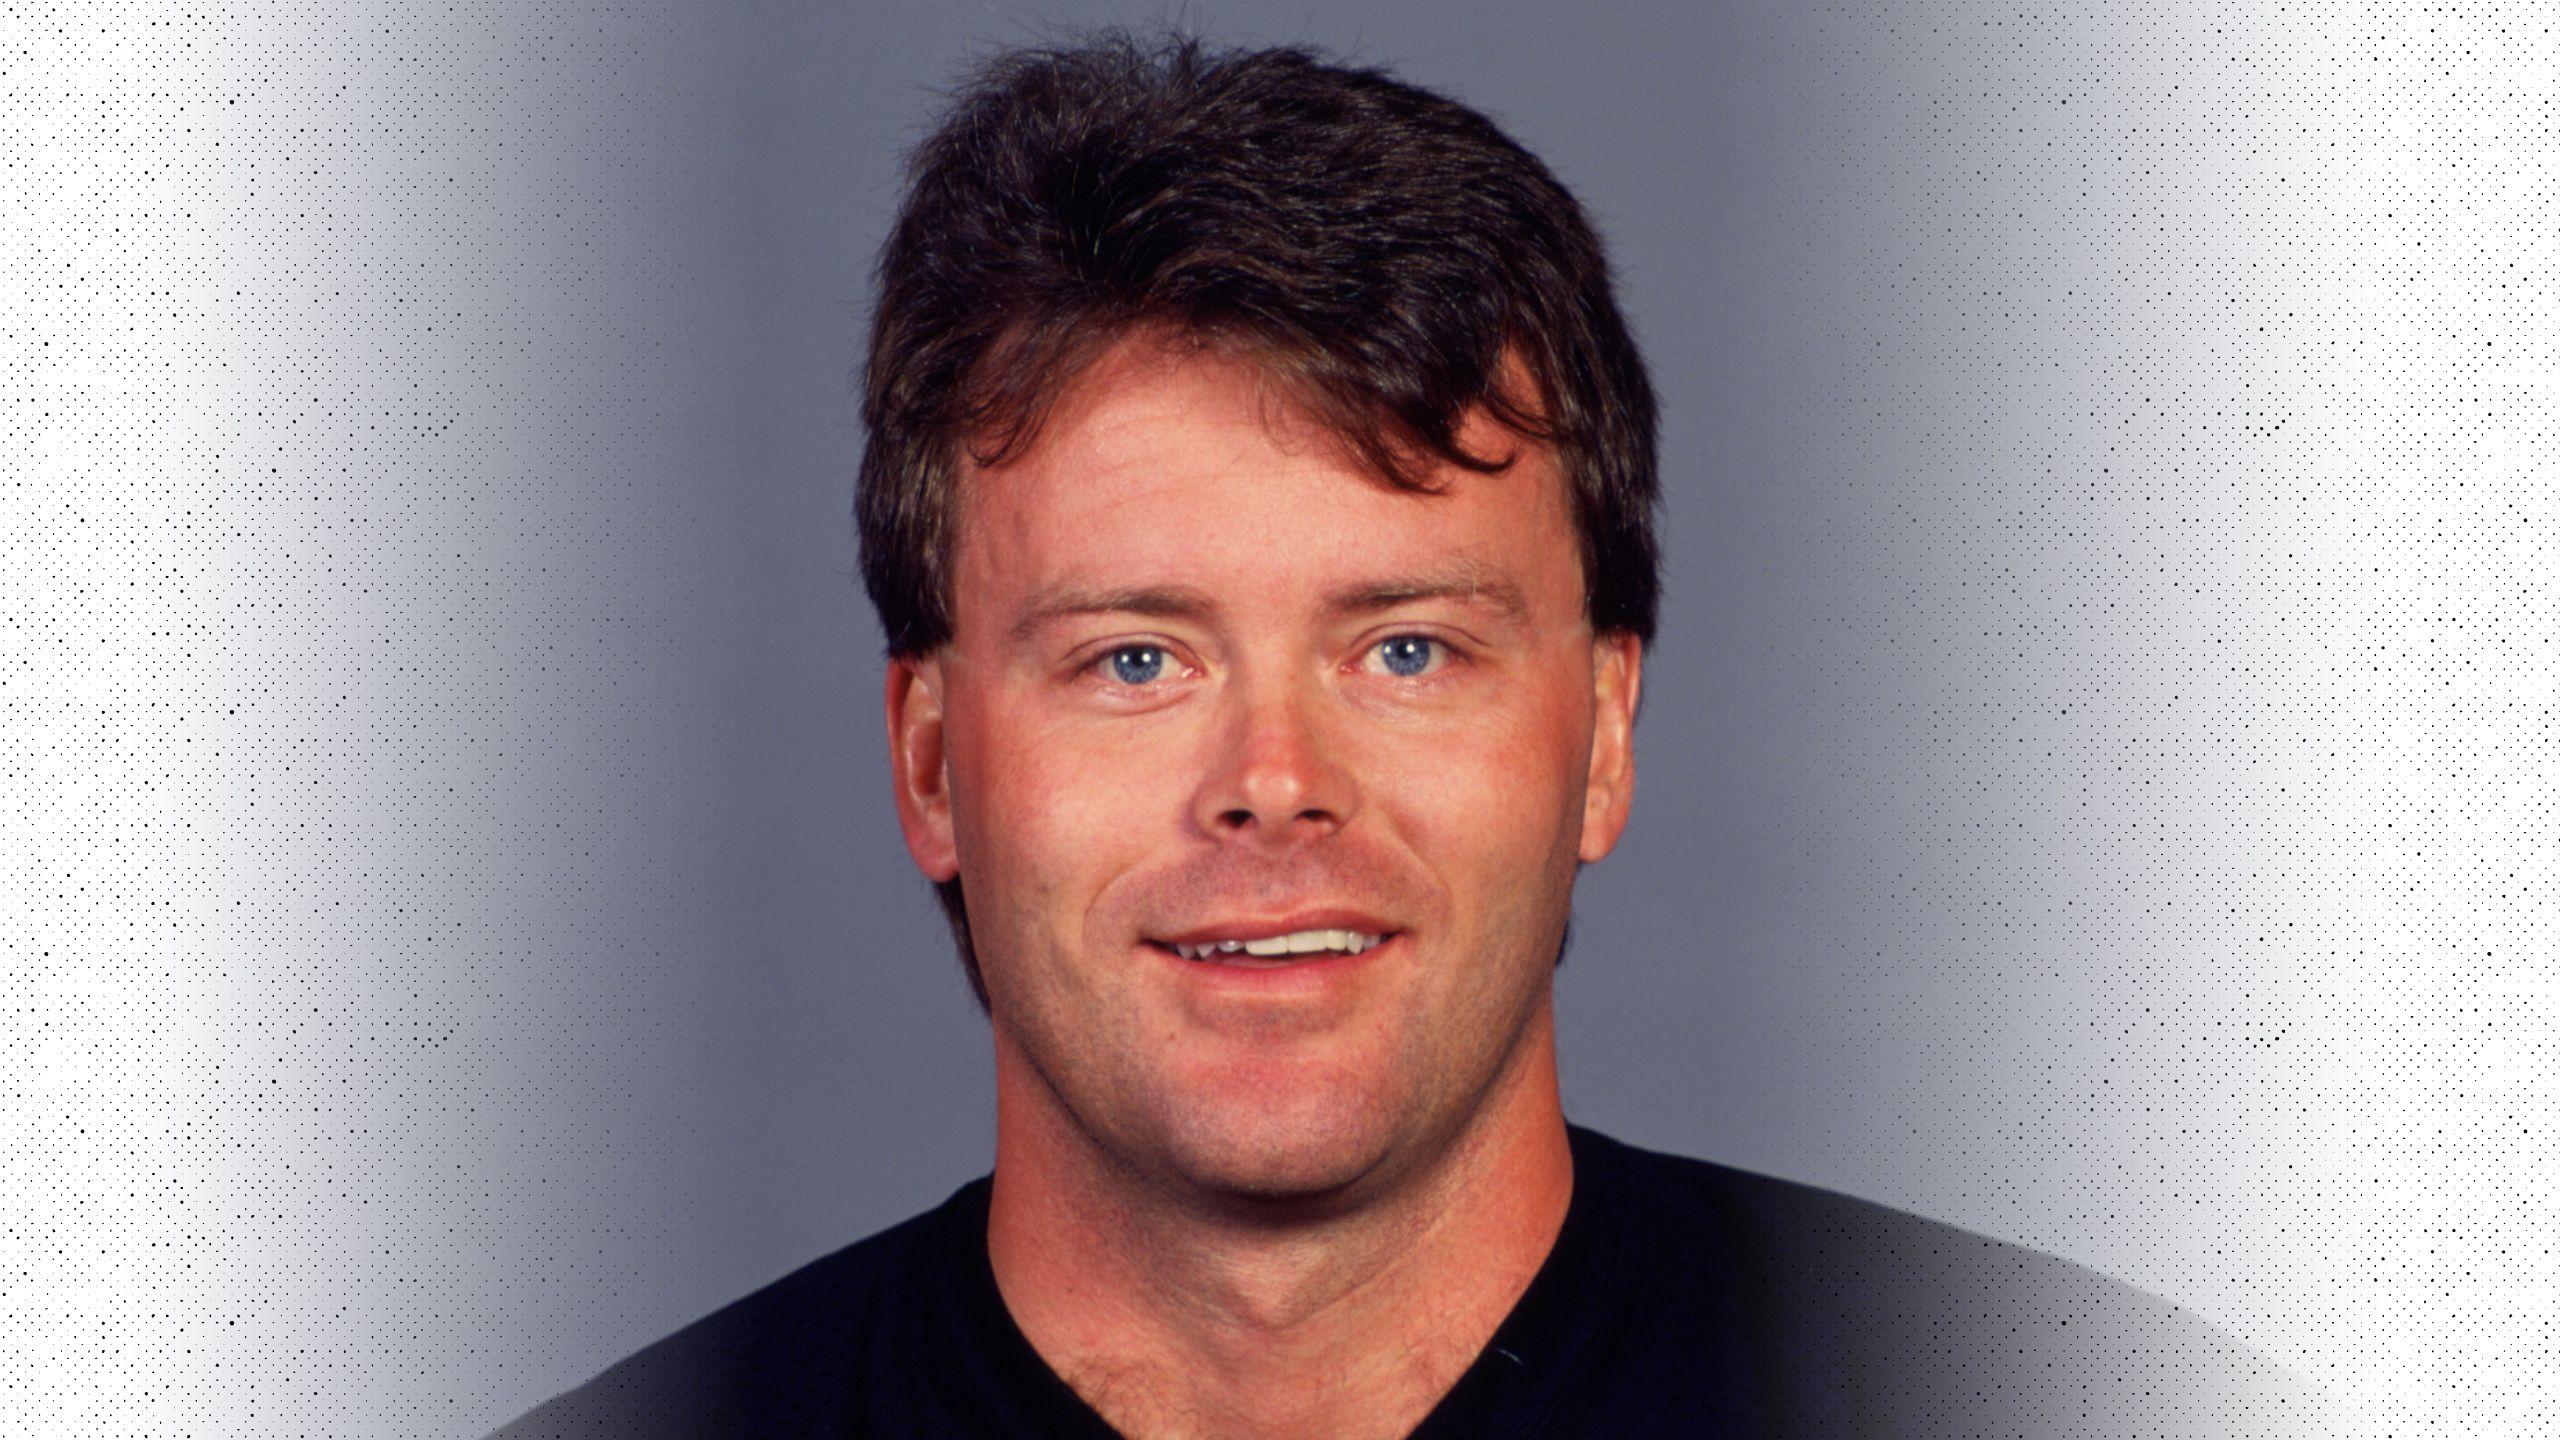 Jeff Jaeger